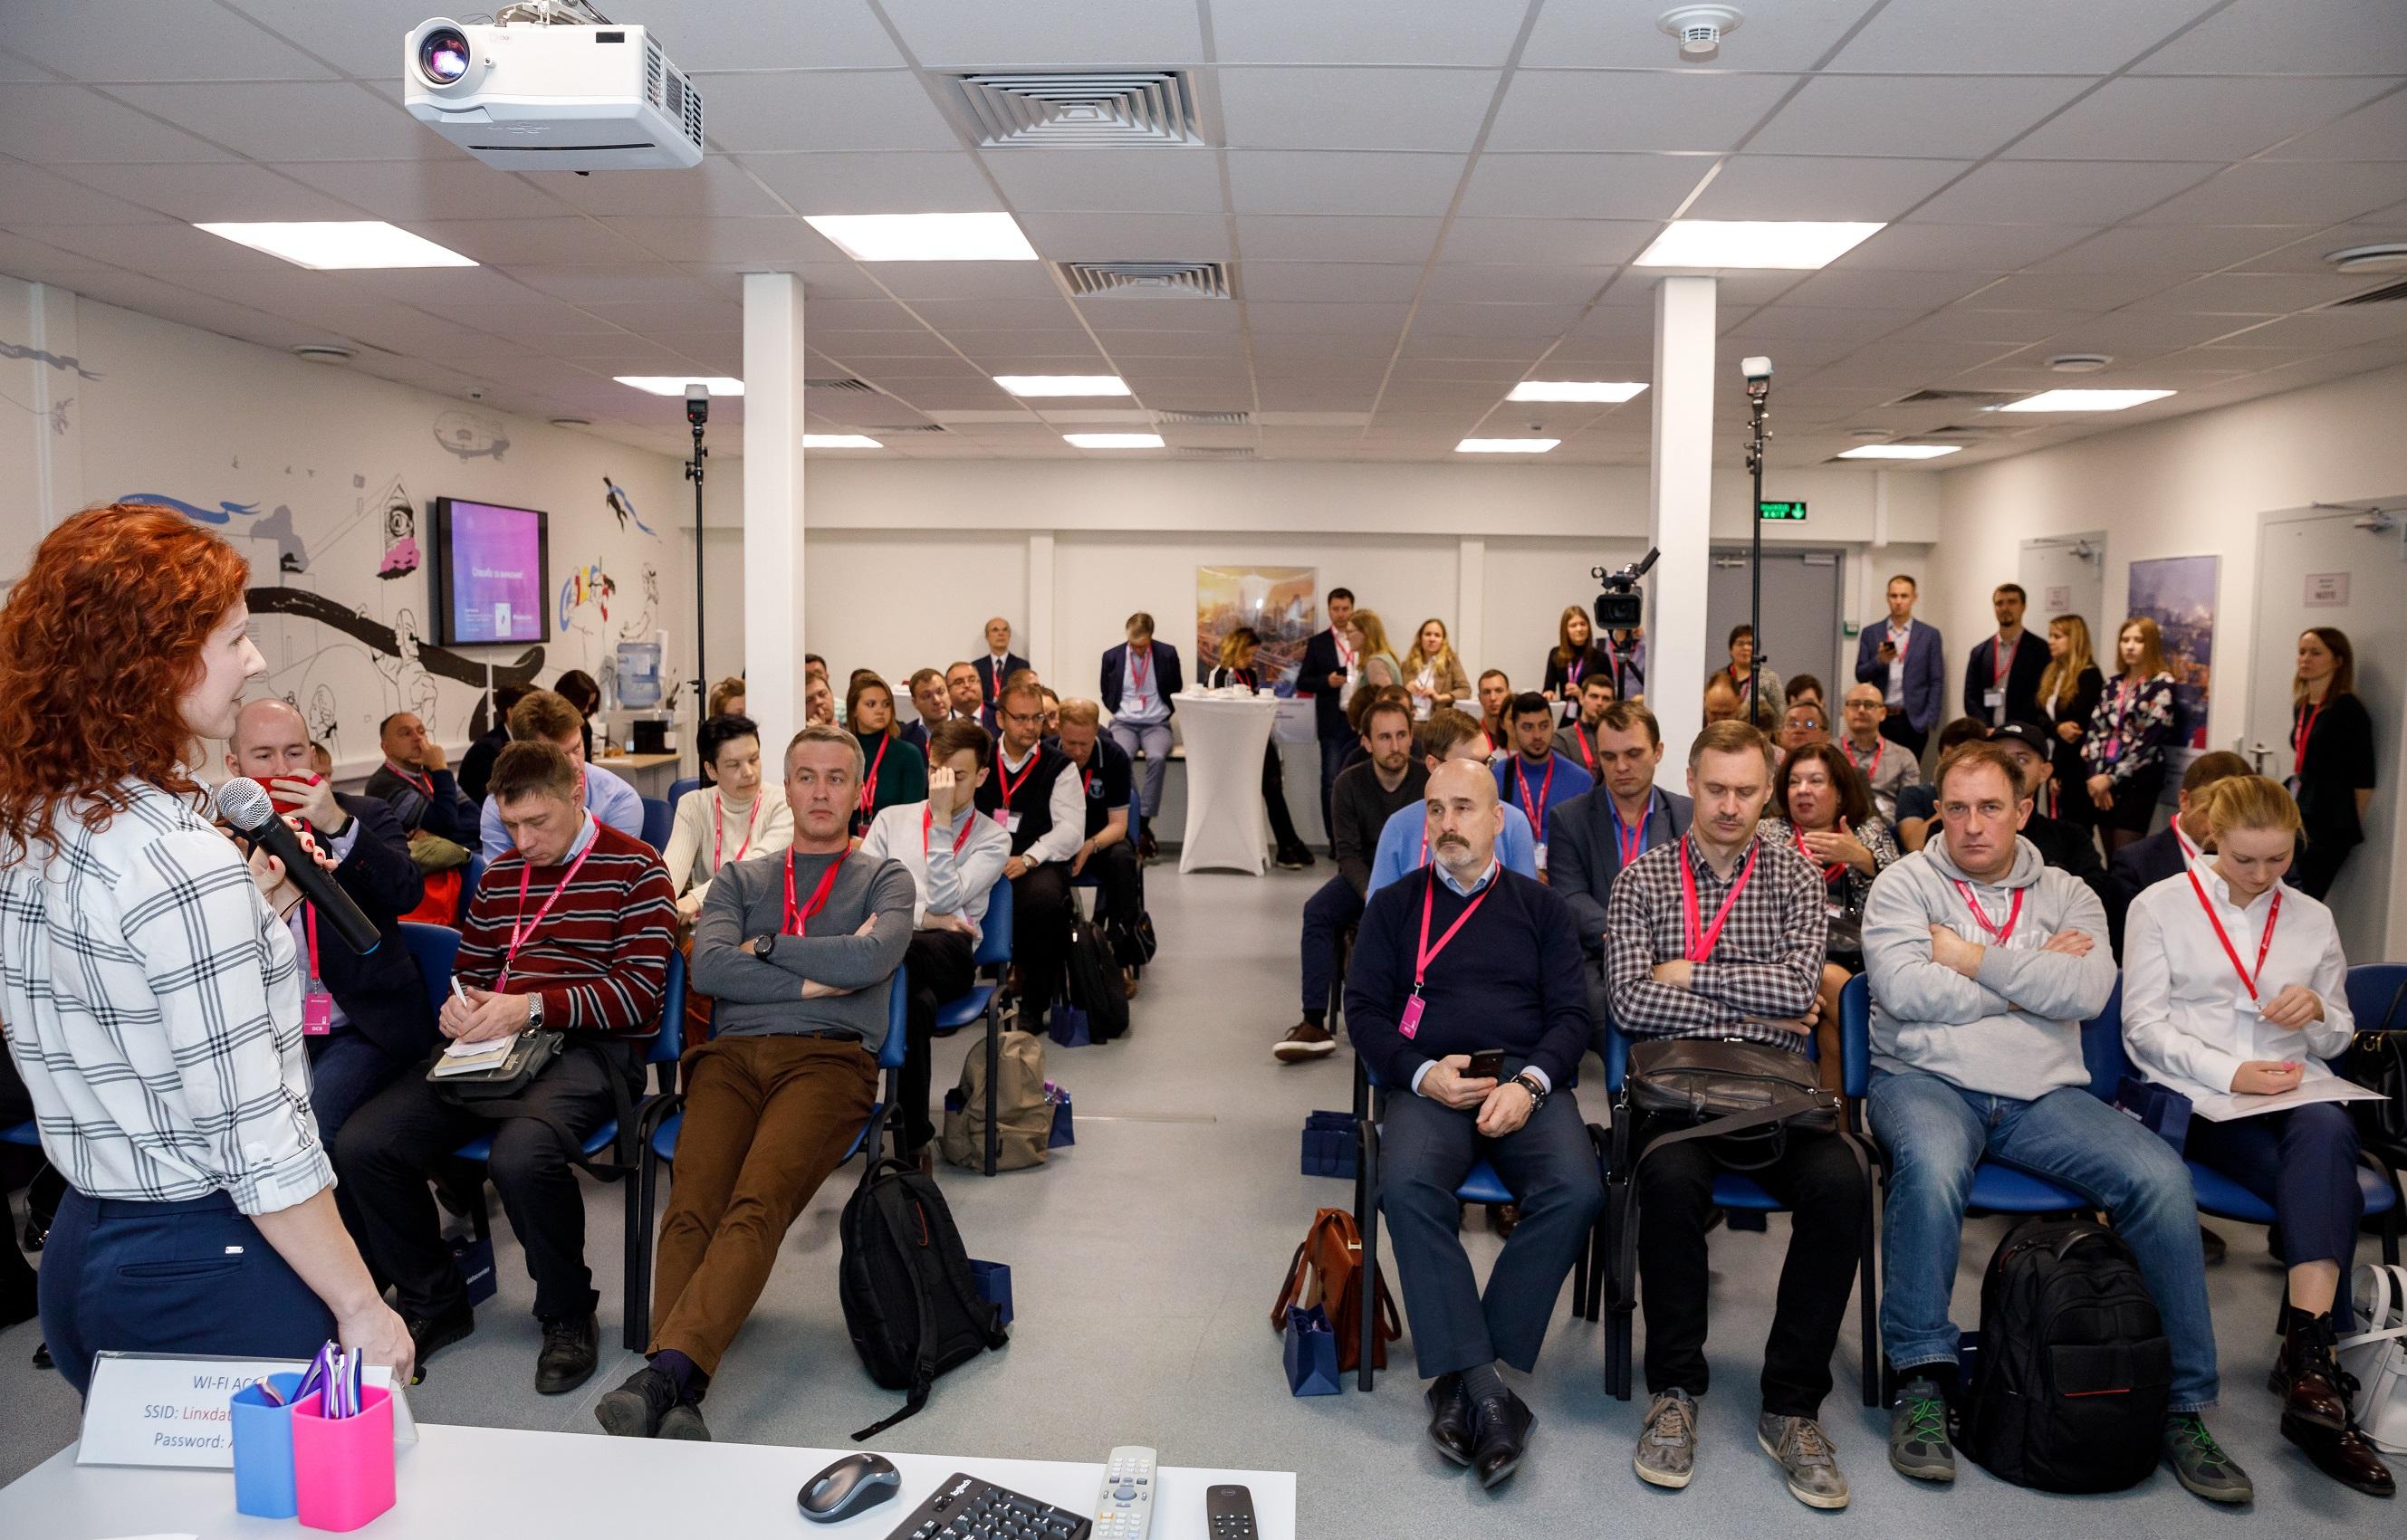 Семинар: Гибридные ИТ-решения для бизнеса. 14 ноября, Москва